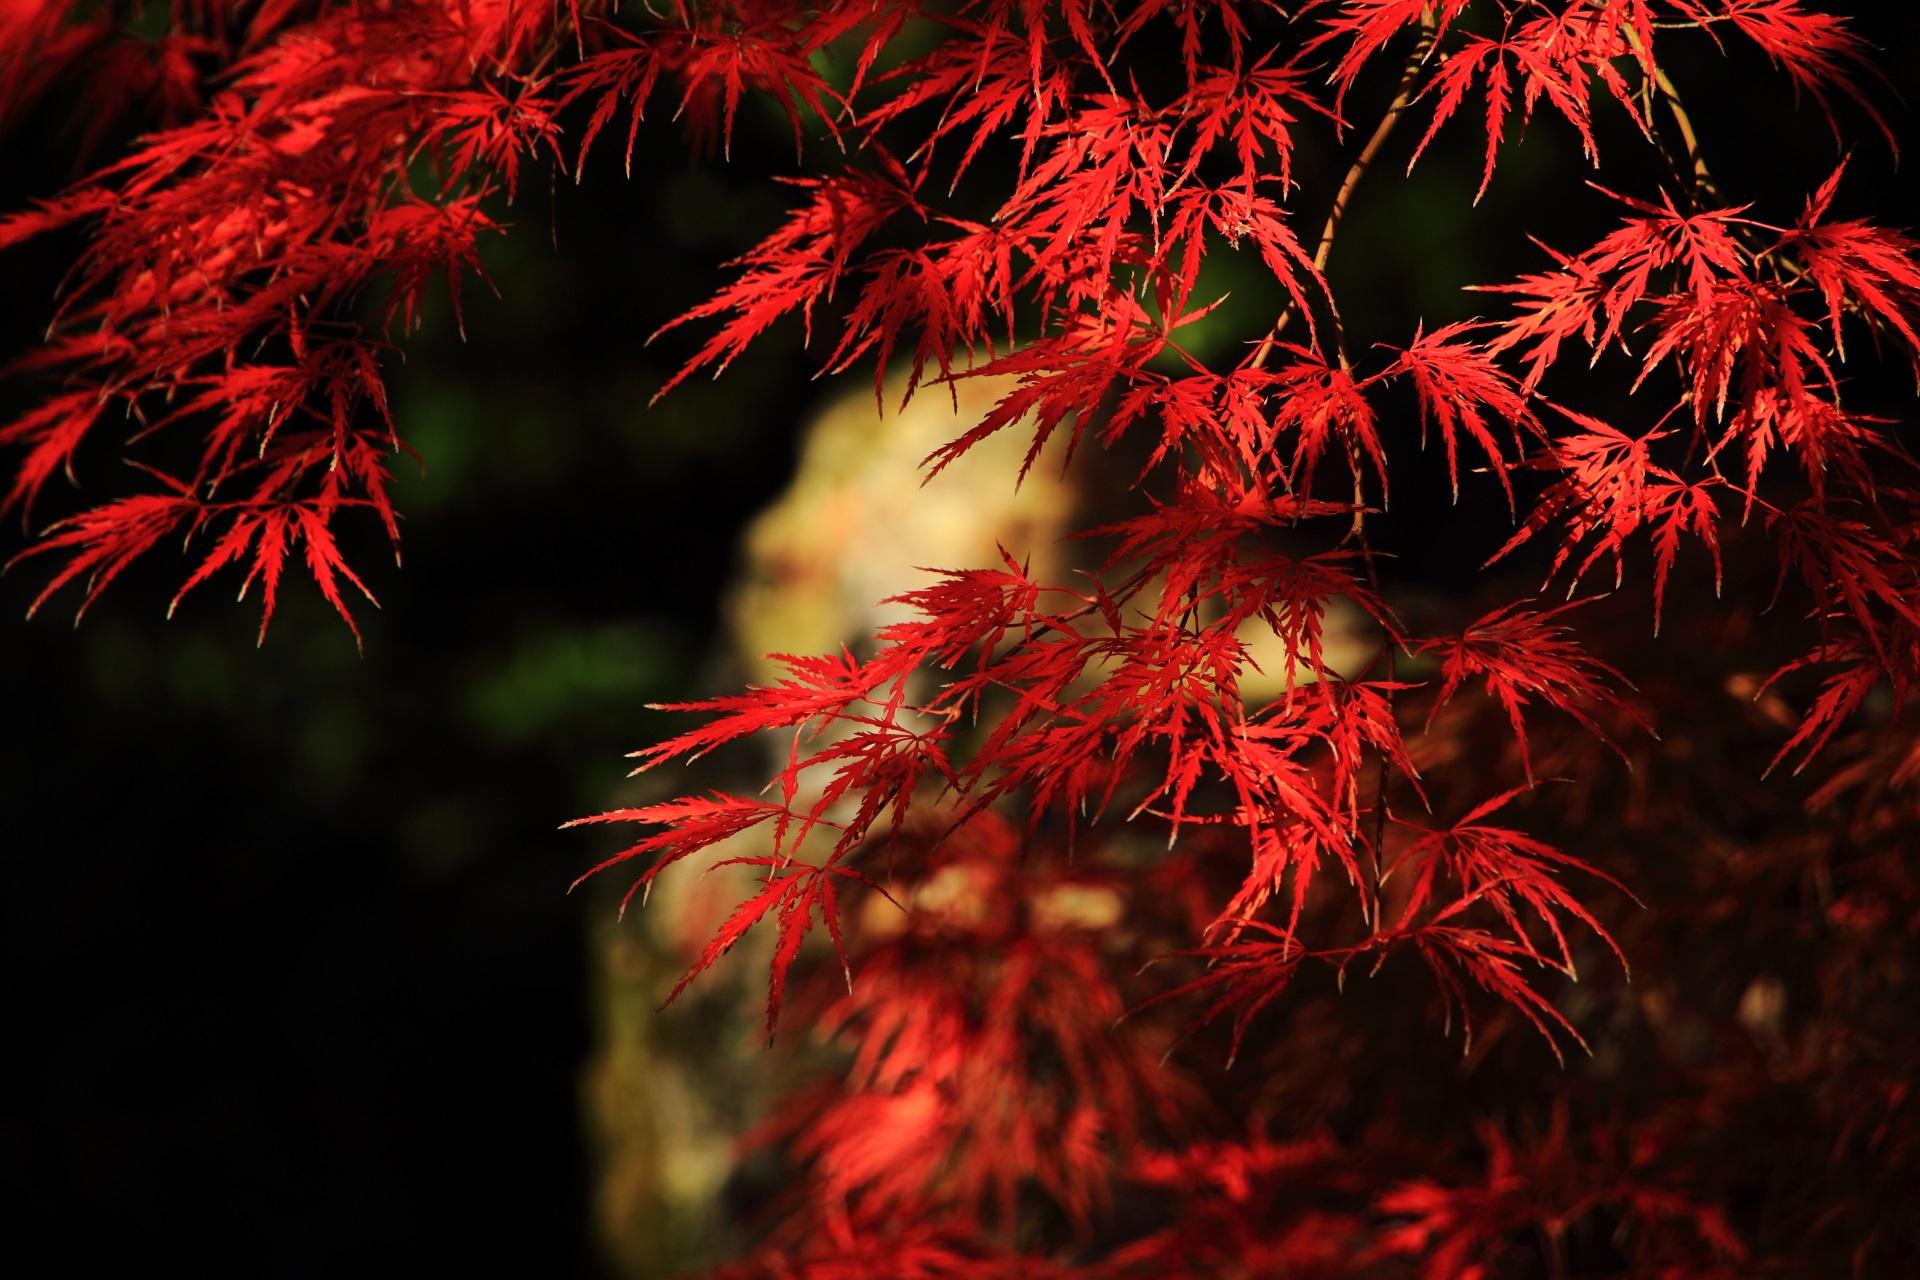 光と影が紅葉を演出する芸術のような秋の彩り